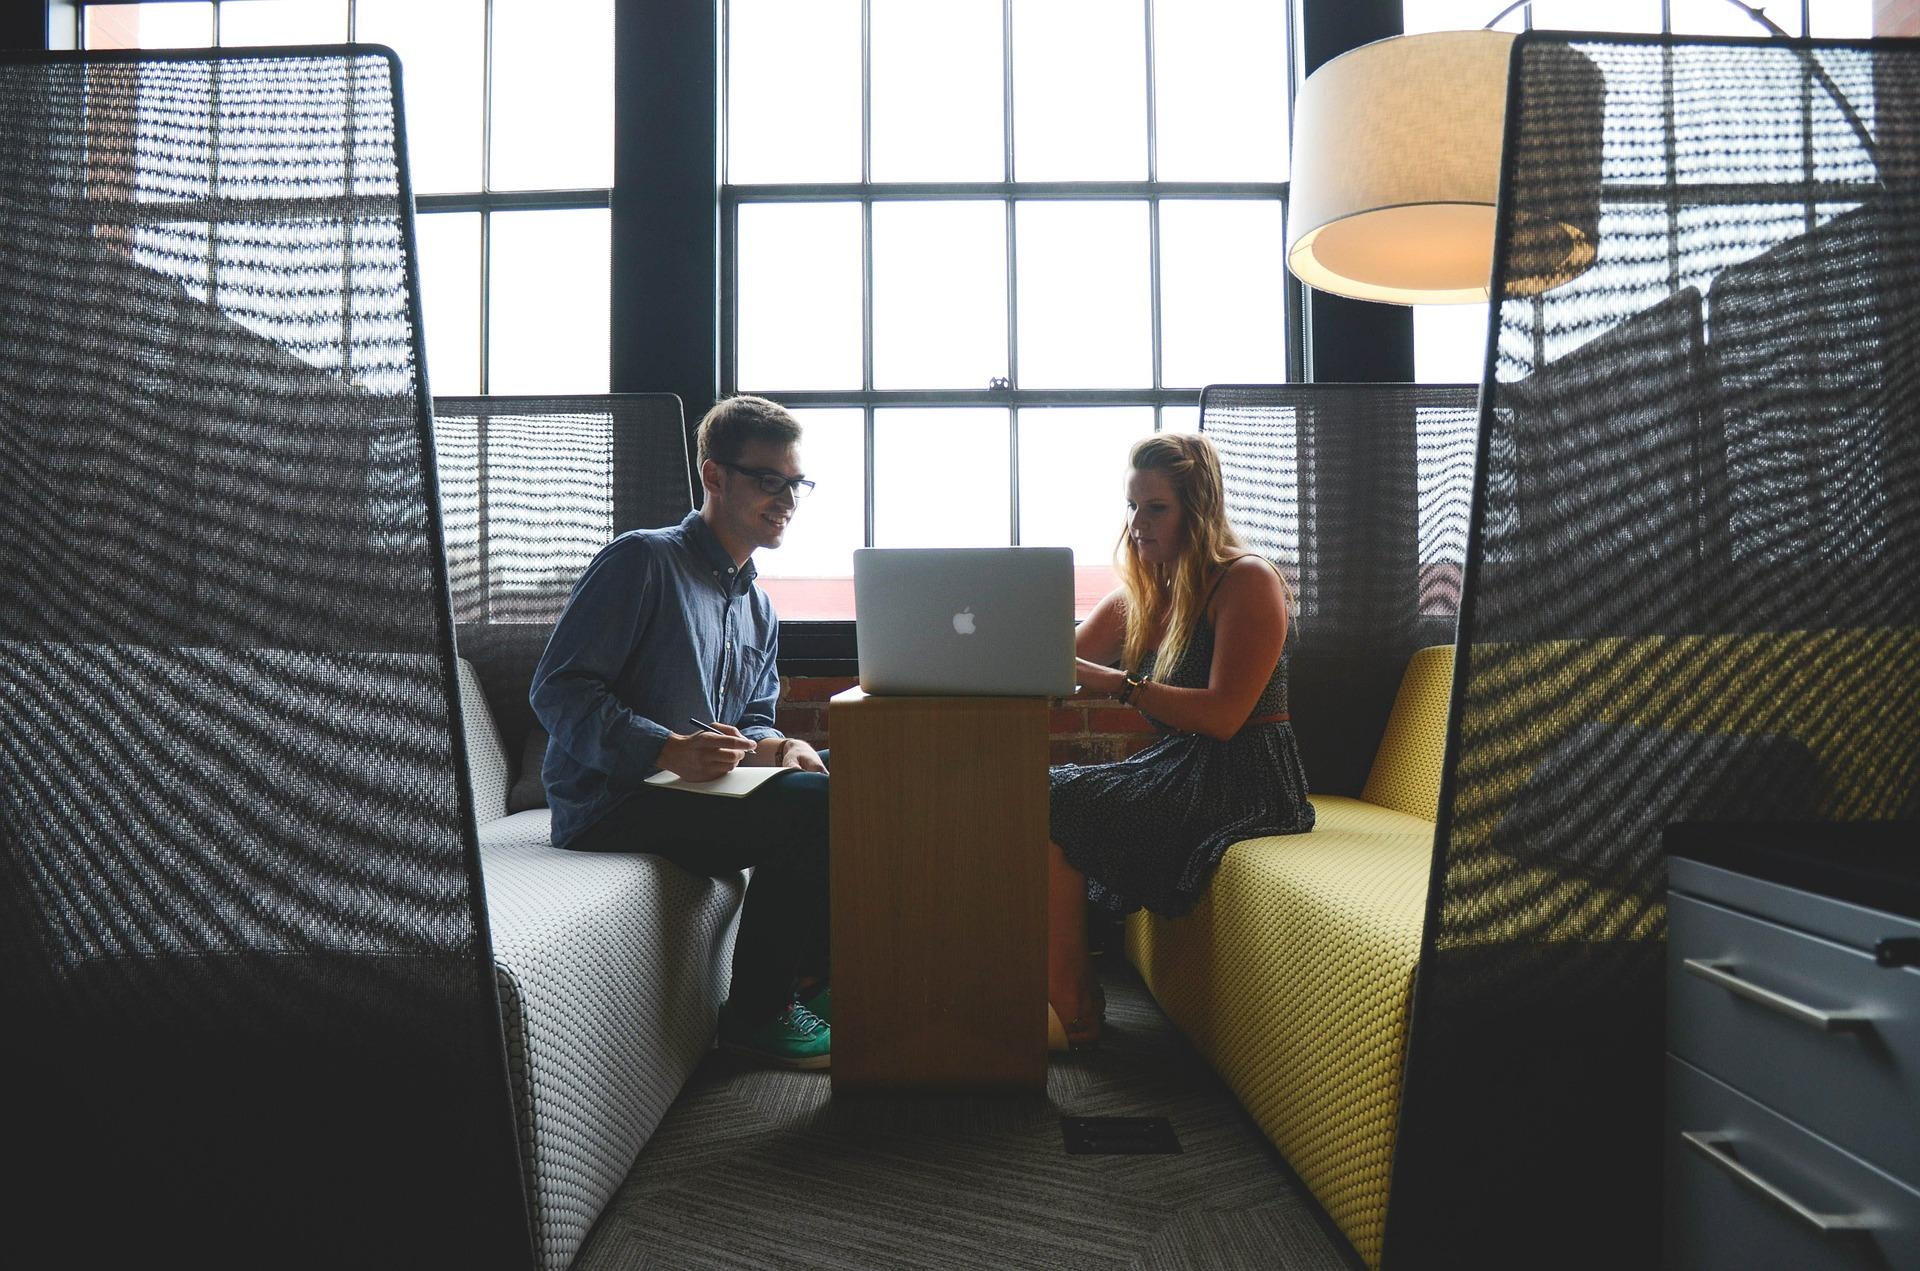 mand og kvinde ved bord med computer